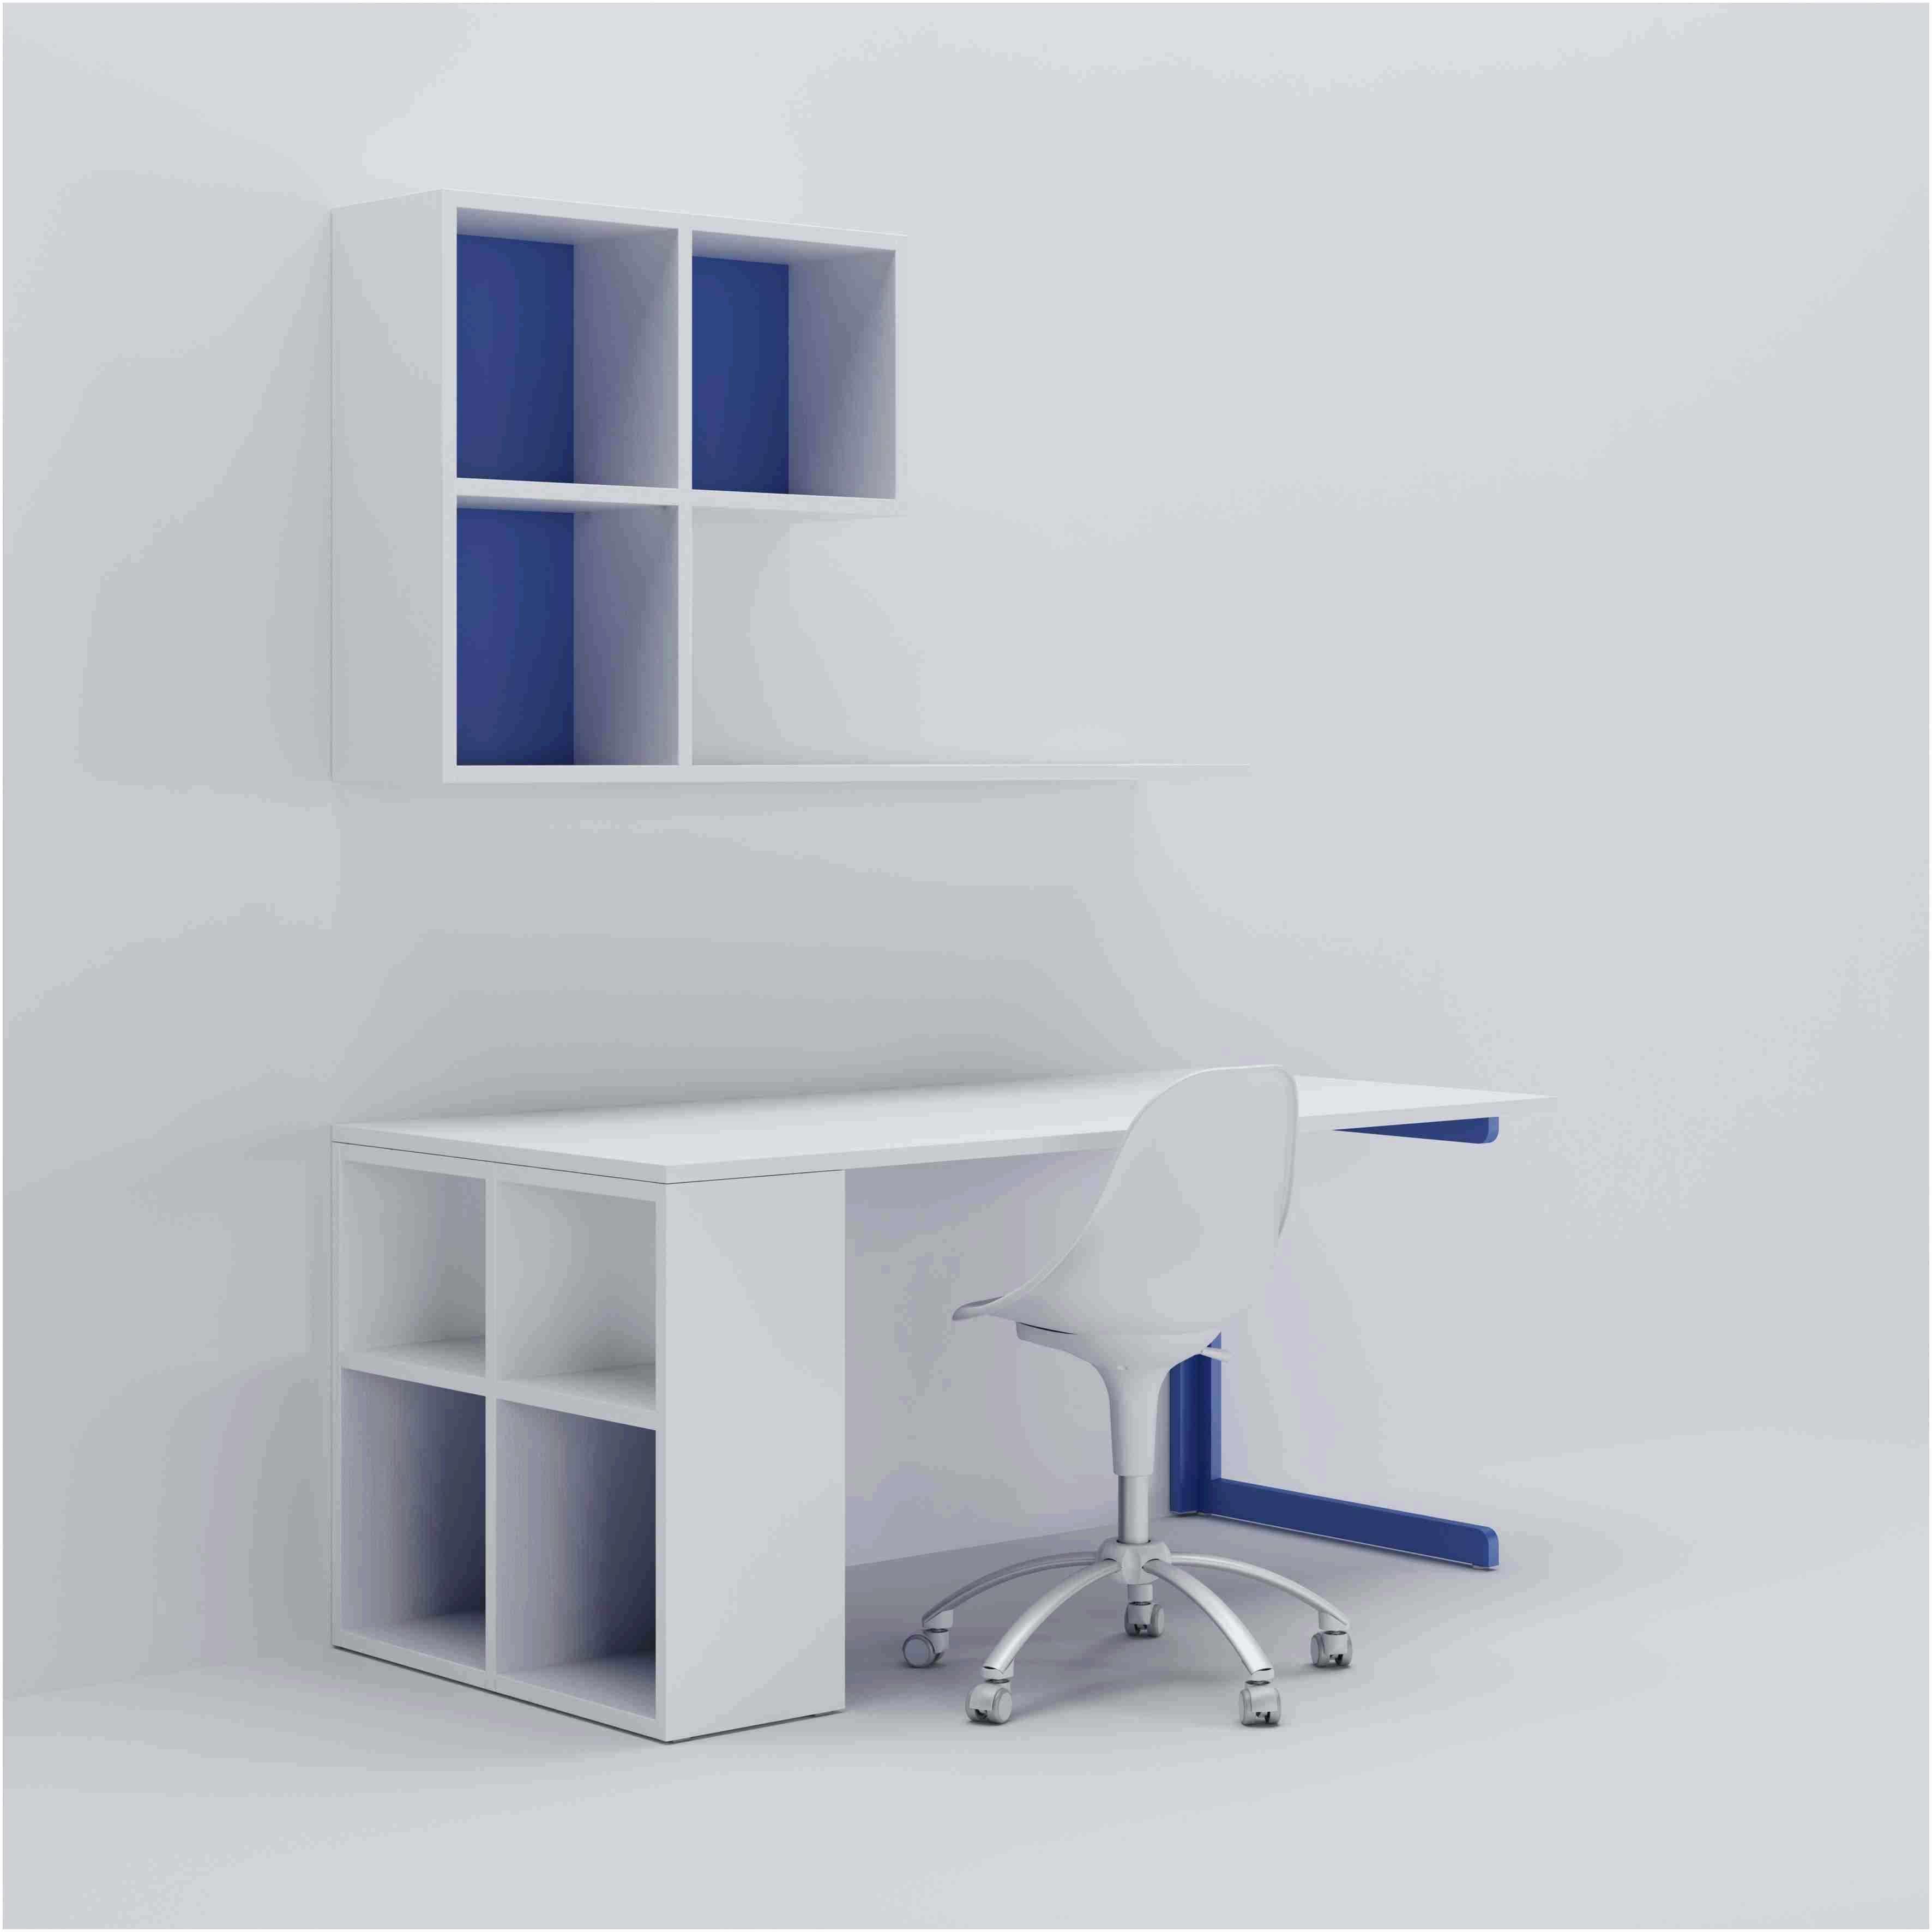 Lit Suspendu Ikea Frais Nouveau Bureau Escamotable Ikea Luxe Lit Bureau Bureau Lit Nouveau